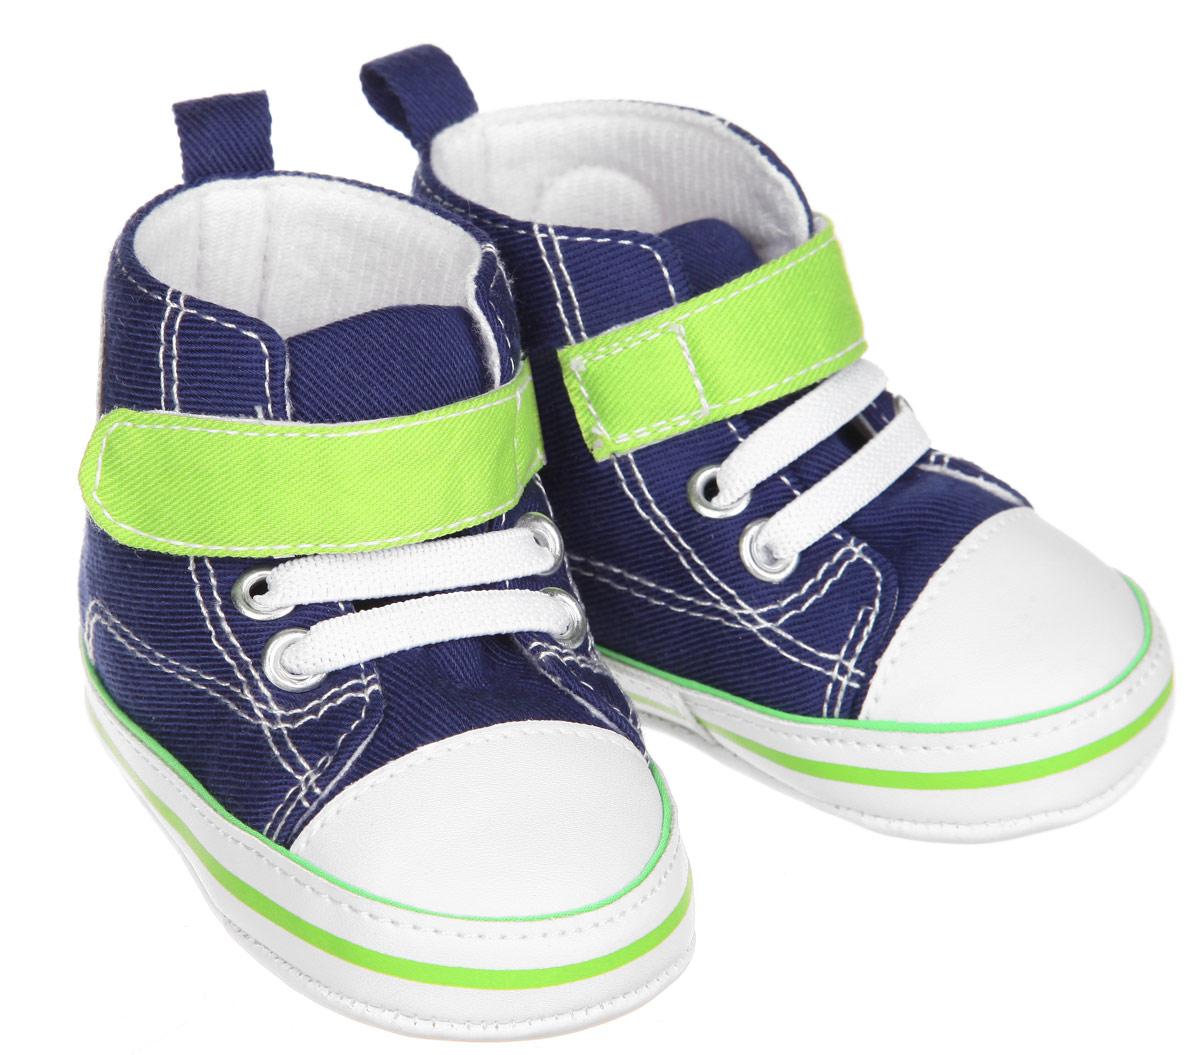 12030Пинетки для мальчика Luvable Friends, стилизованные под высокие кроссовки, станут отличным дополнением к гардеробу малыша. Изделие выполнено из хлопка и полиэстера. Модель дополнена эластичной шнуровкой и удобным хлястиком на застежке-липучке, которые надежно фиксируют пинетки на ножке ребенка. На стопе предусмотрен прорезиненный рельефный рисунок, благодаря которому ребенок не будет скользить. Изделие оформлено нашивкой с фирменным логотипом. Мягкие, не сдавливающие ножку материалы делают модель практичной и популярной. Такие пинетки - отличное решение для малышей и их родителей!